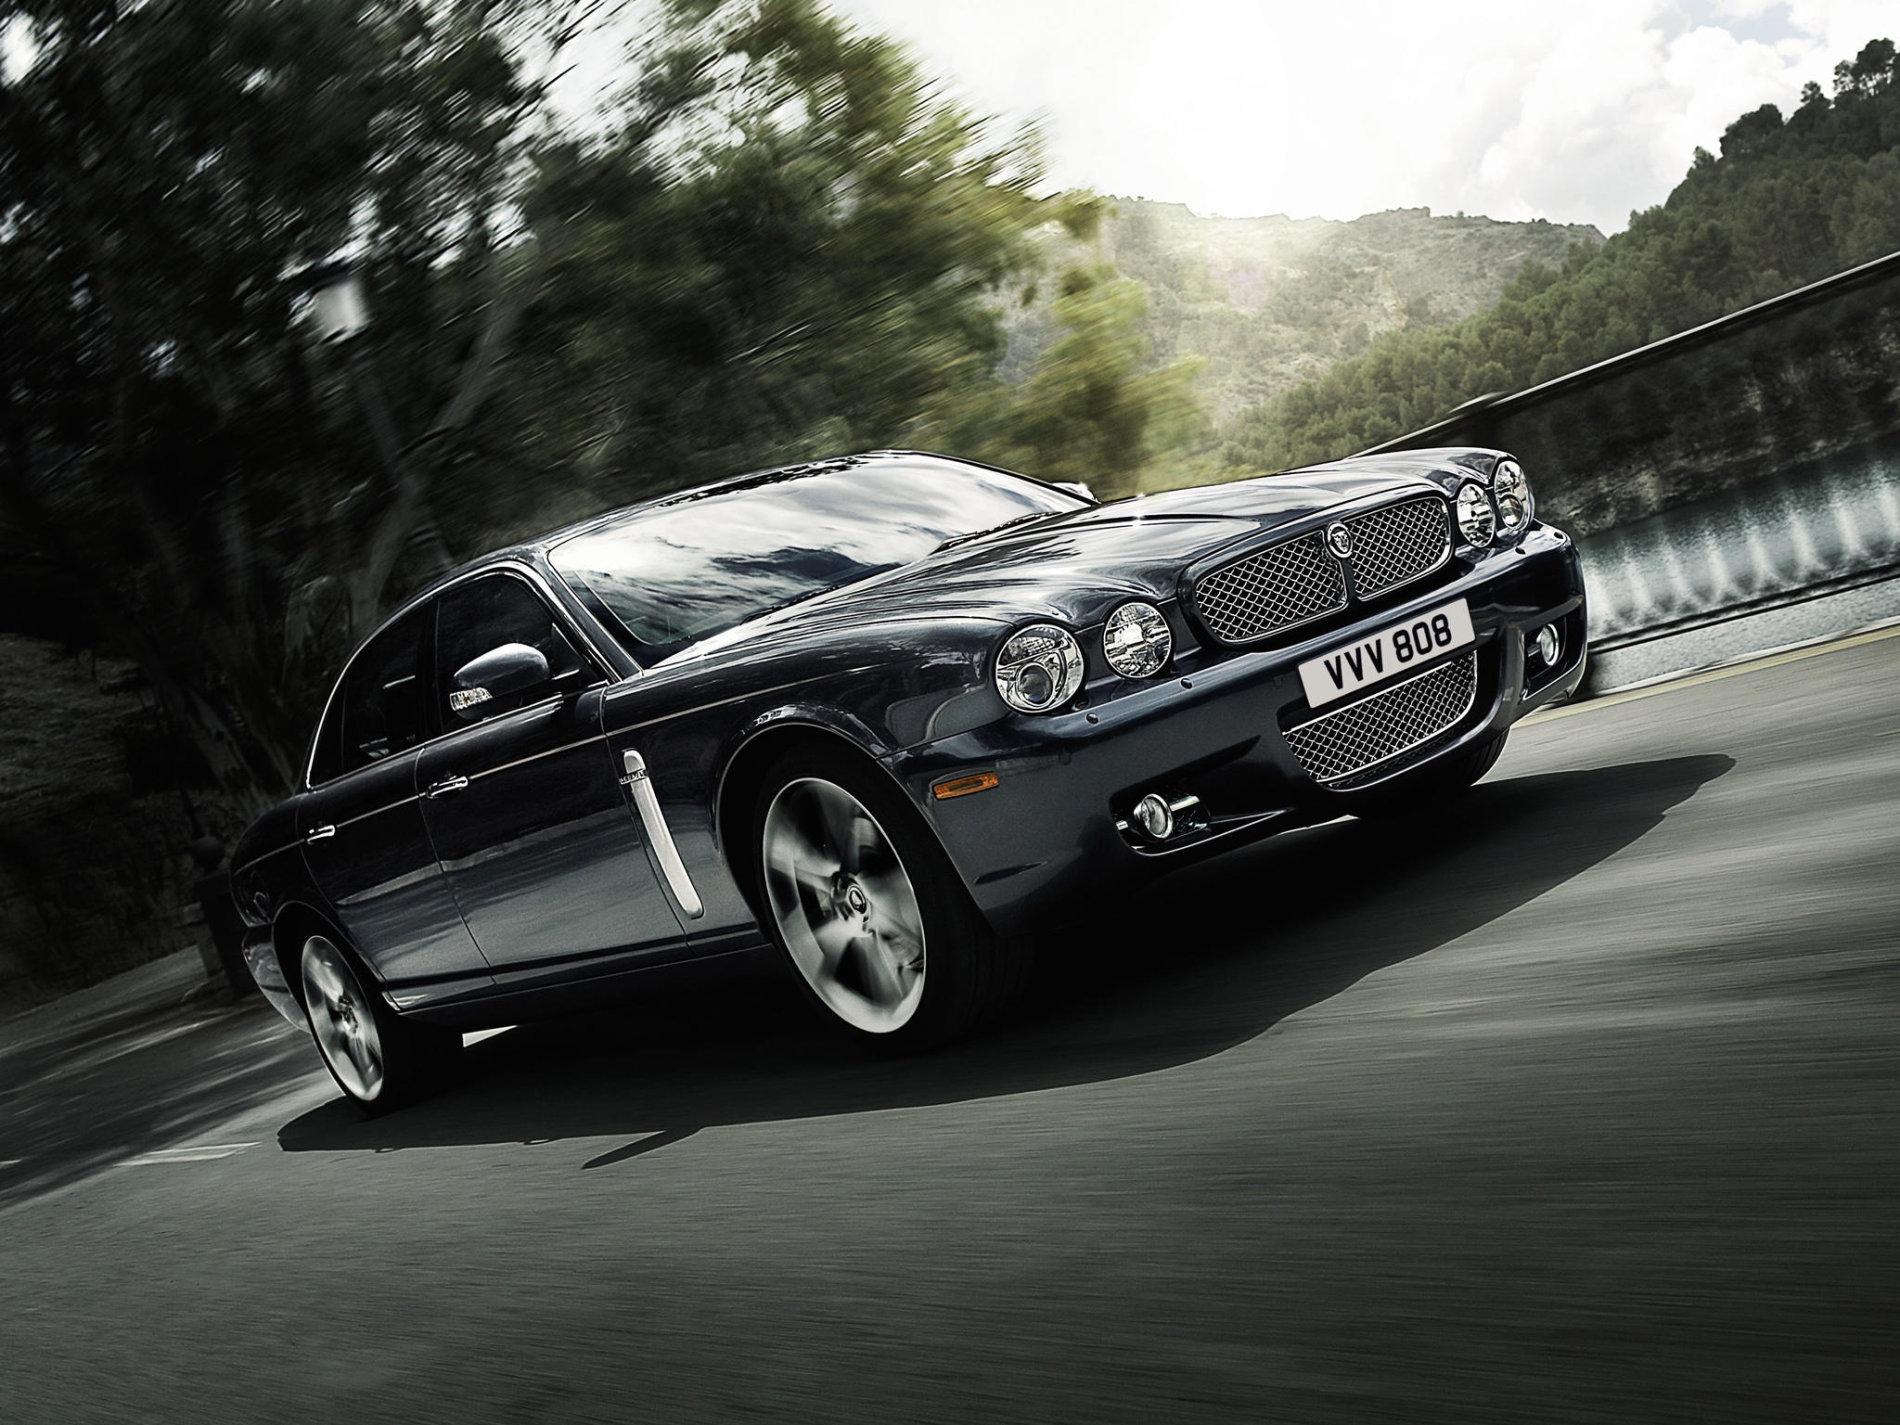 5 limuzine de lux ale anilor 2000 care azi costa sub 10.000 de euro si nu sunt de la BMW, Mercedes sau Audi - 5 limuzine de lux ale anilor 2000 care azi costa sub 10.000 de euro si nu sunt de la BMW, Mercedes sau Audi